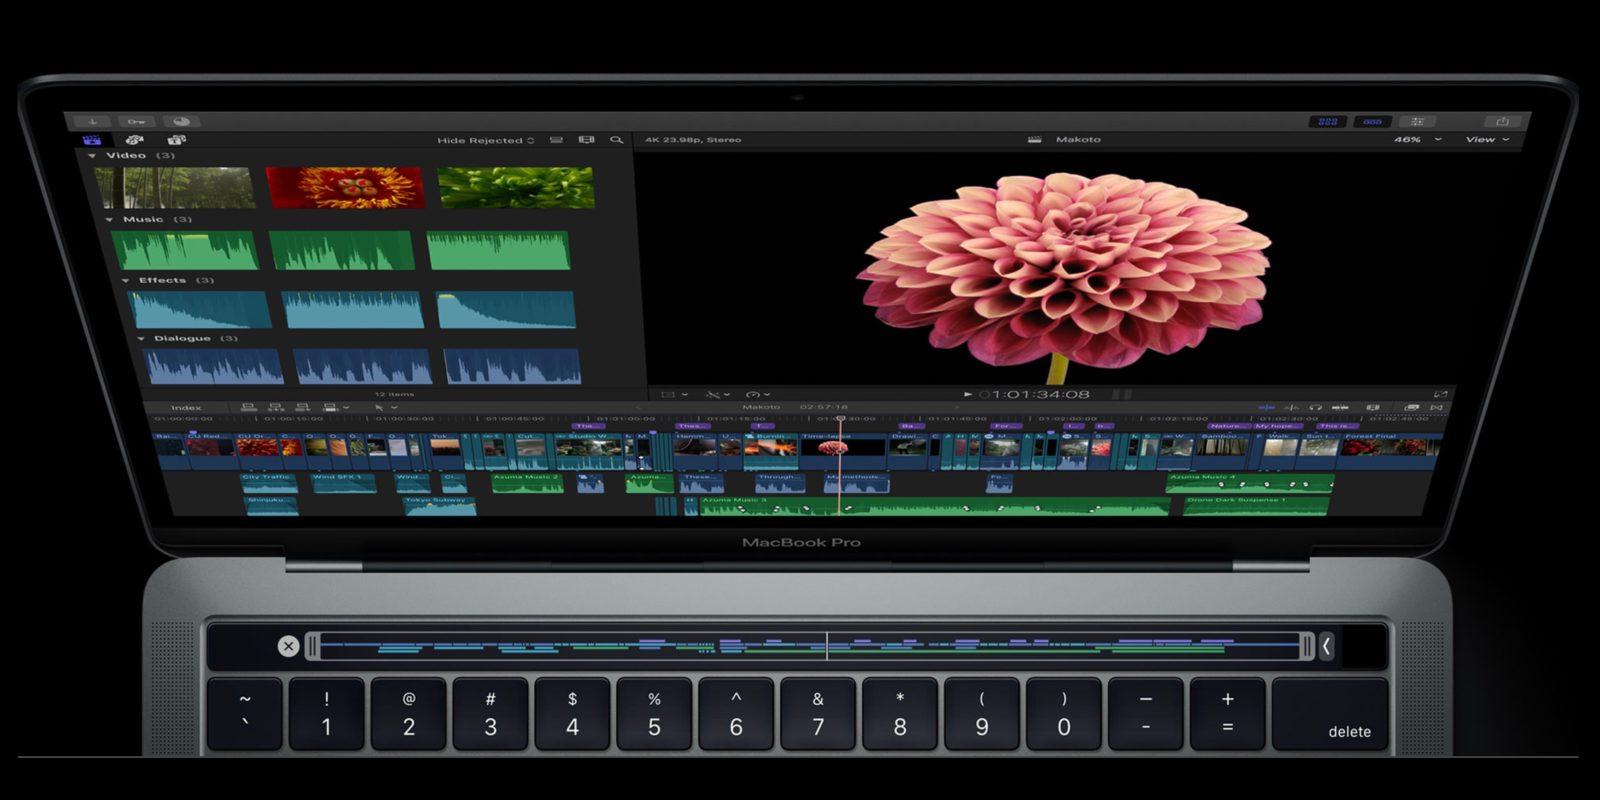 视频剪辑软件专业_视频剪辑软件专业_ipad专业视频剪辑软件